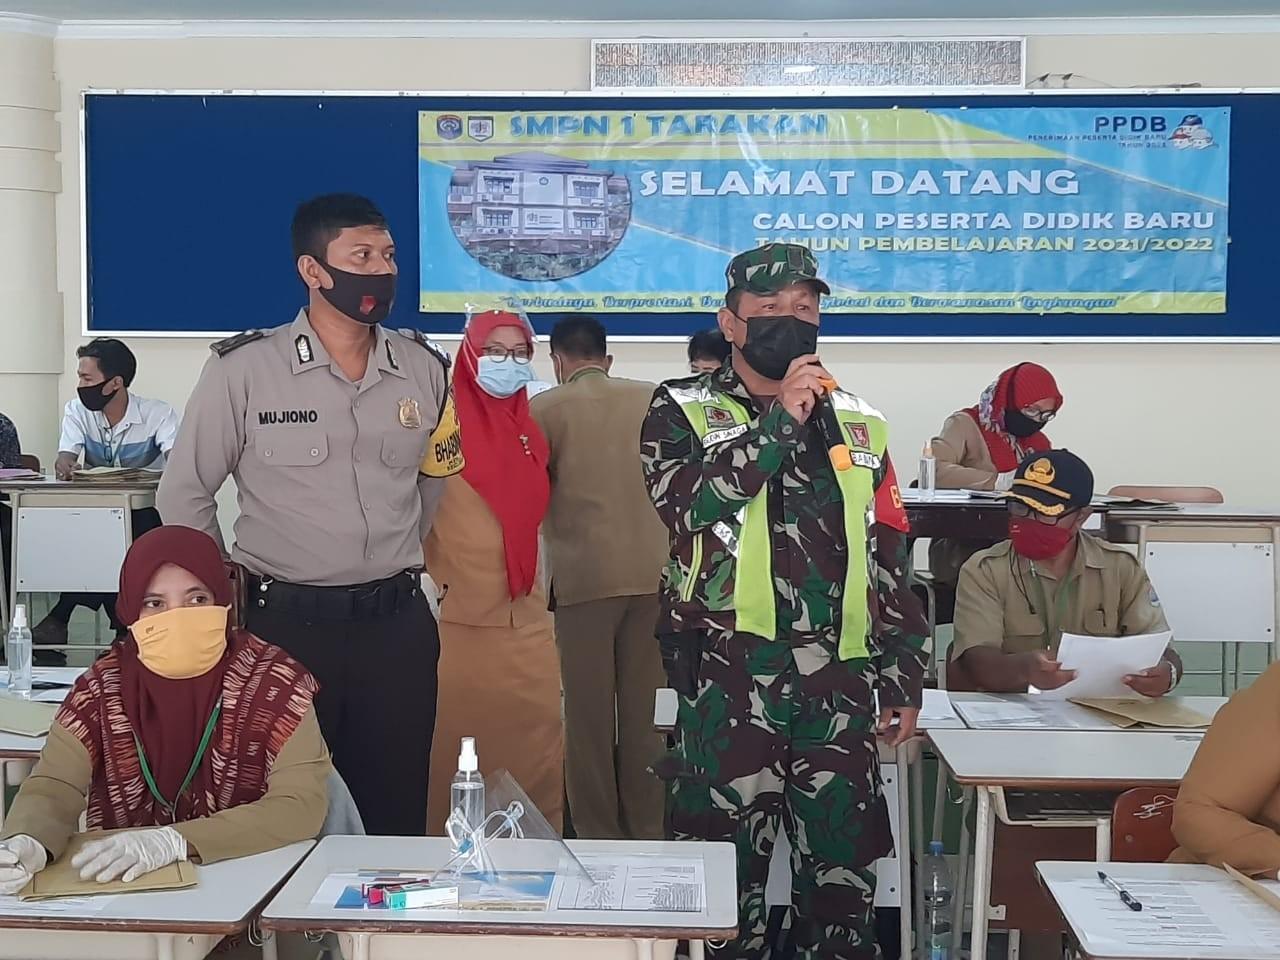 Cek Kesiapan Sekolah,Babinsa Tarteng Himbau Orang Tua Murid Di SMPN 1 Tarakan.